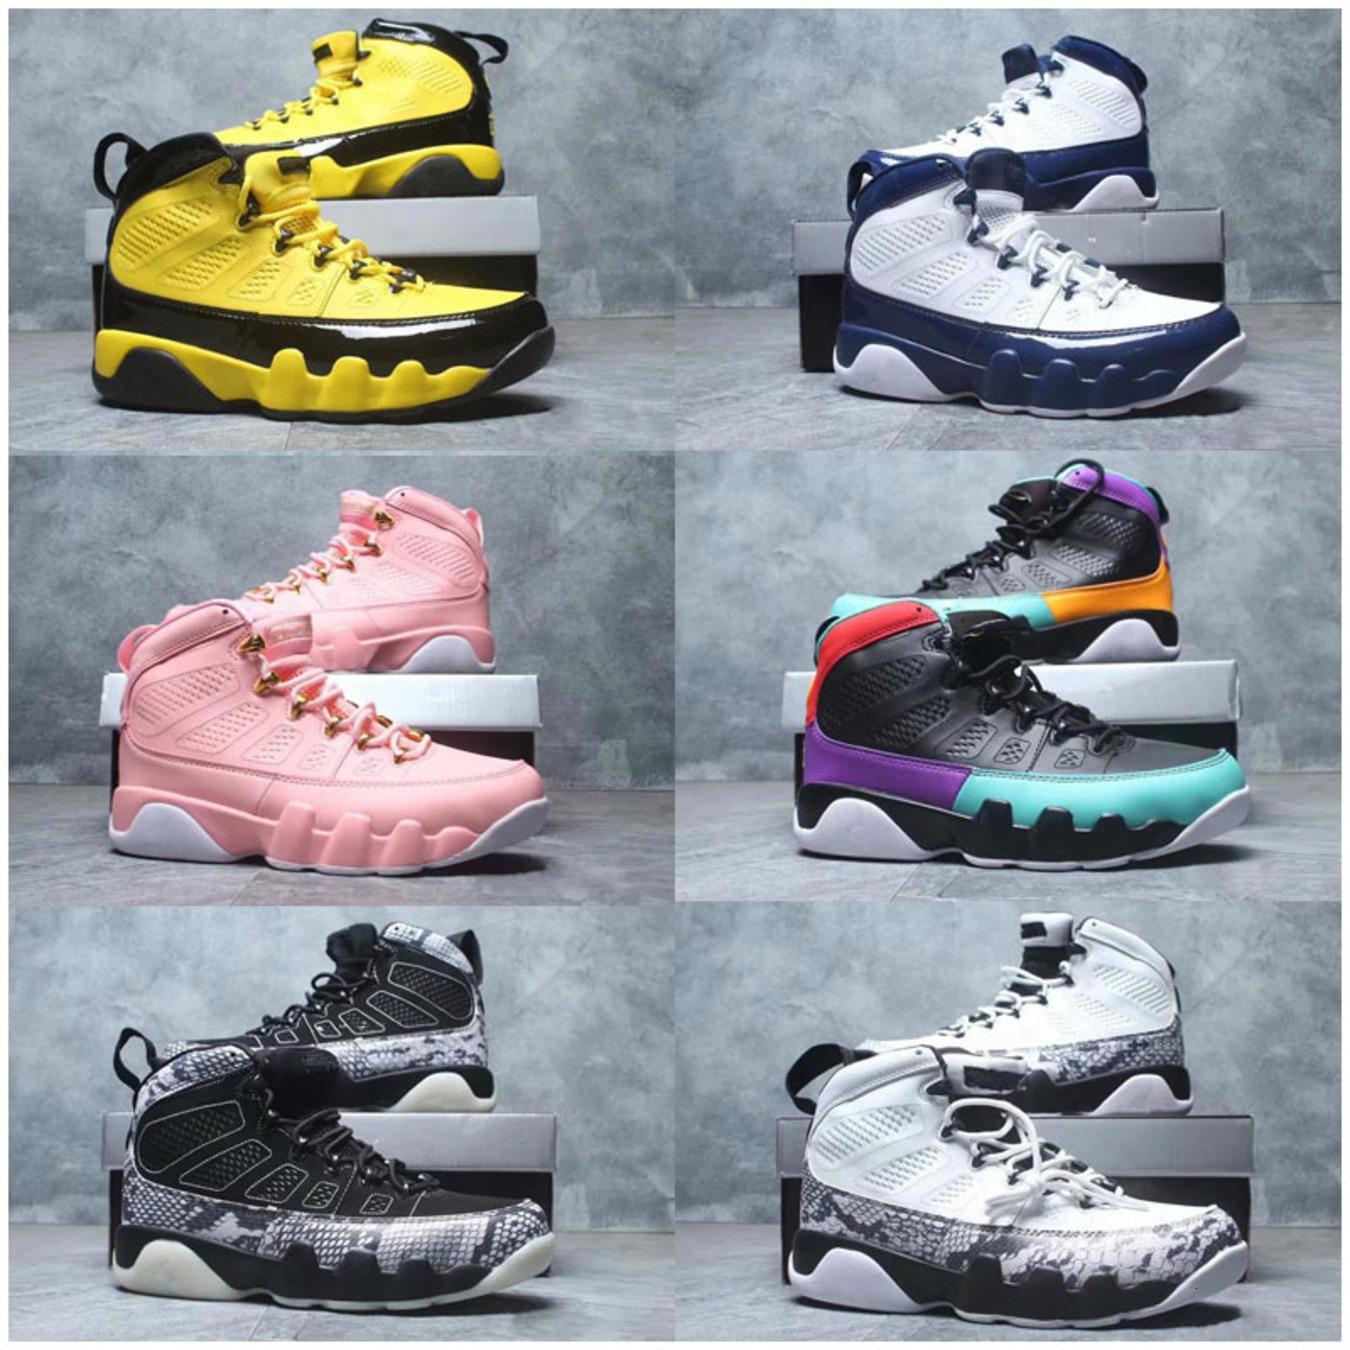 Jumpman 9 Ayakkabı 9s Çocuk Basket Ayakkabısı UNC Navy Blue Dream It Do It LA Oreo Tur Sarı Erkek Eğitmen Spor Sneaker Bred